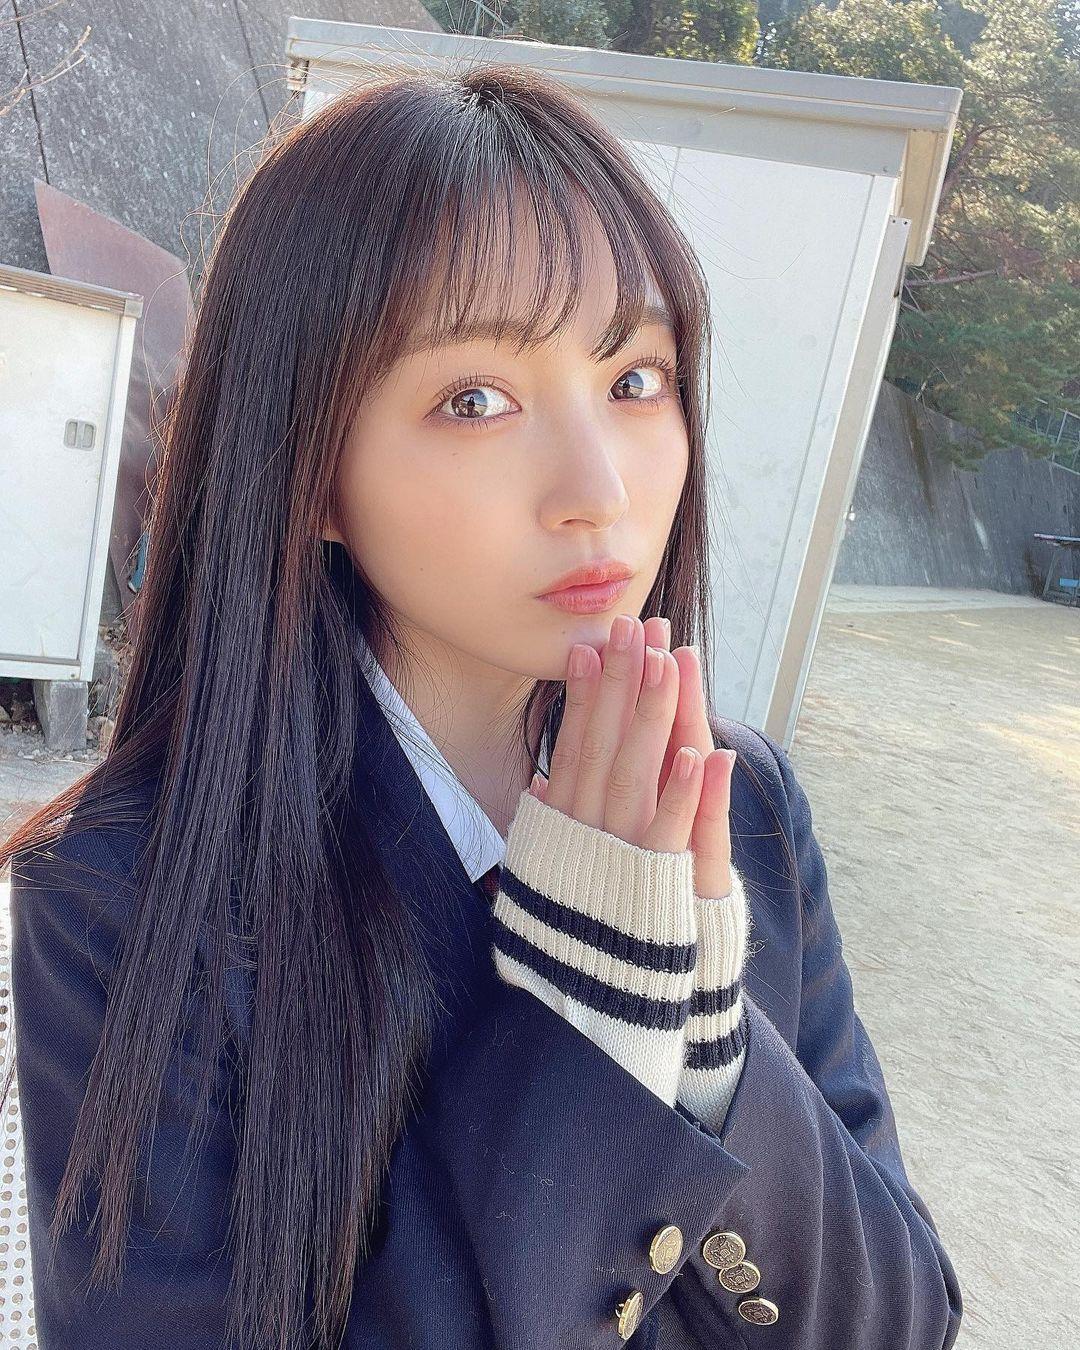 NMB48次世代王牌山本彩加引退转当护理师超暖原因让人更爱她了 网络美女 第2张